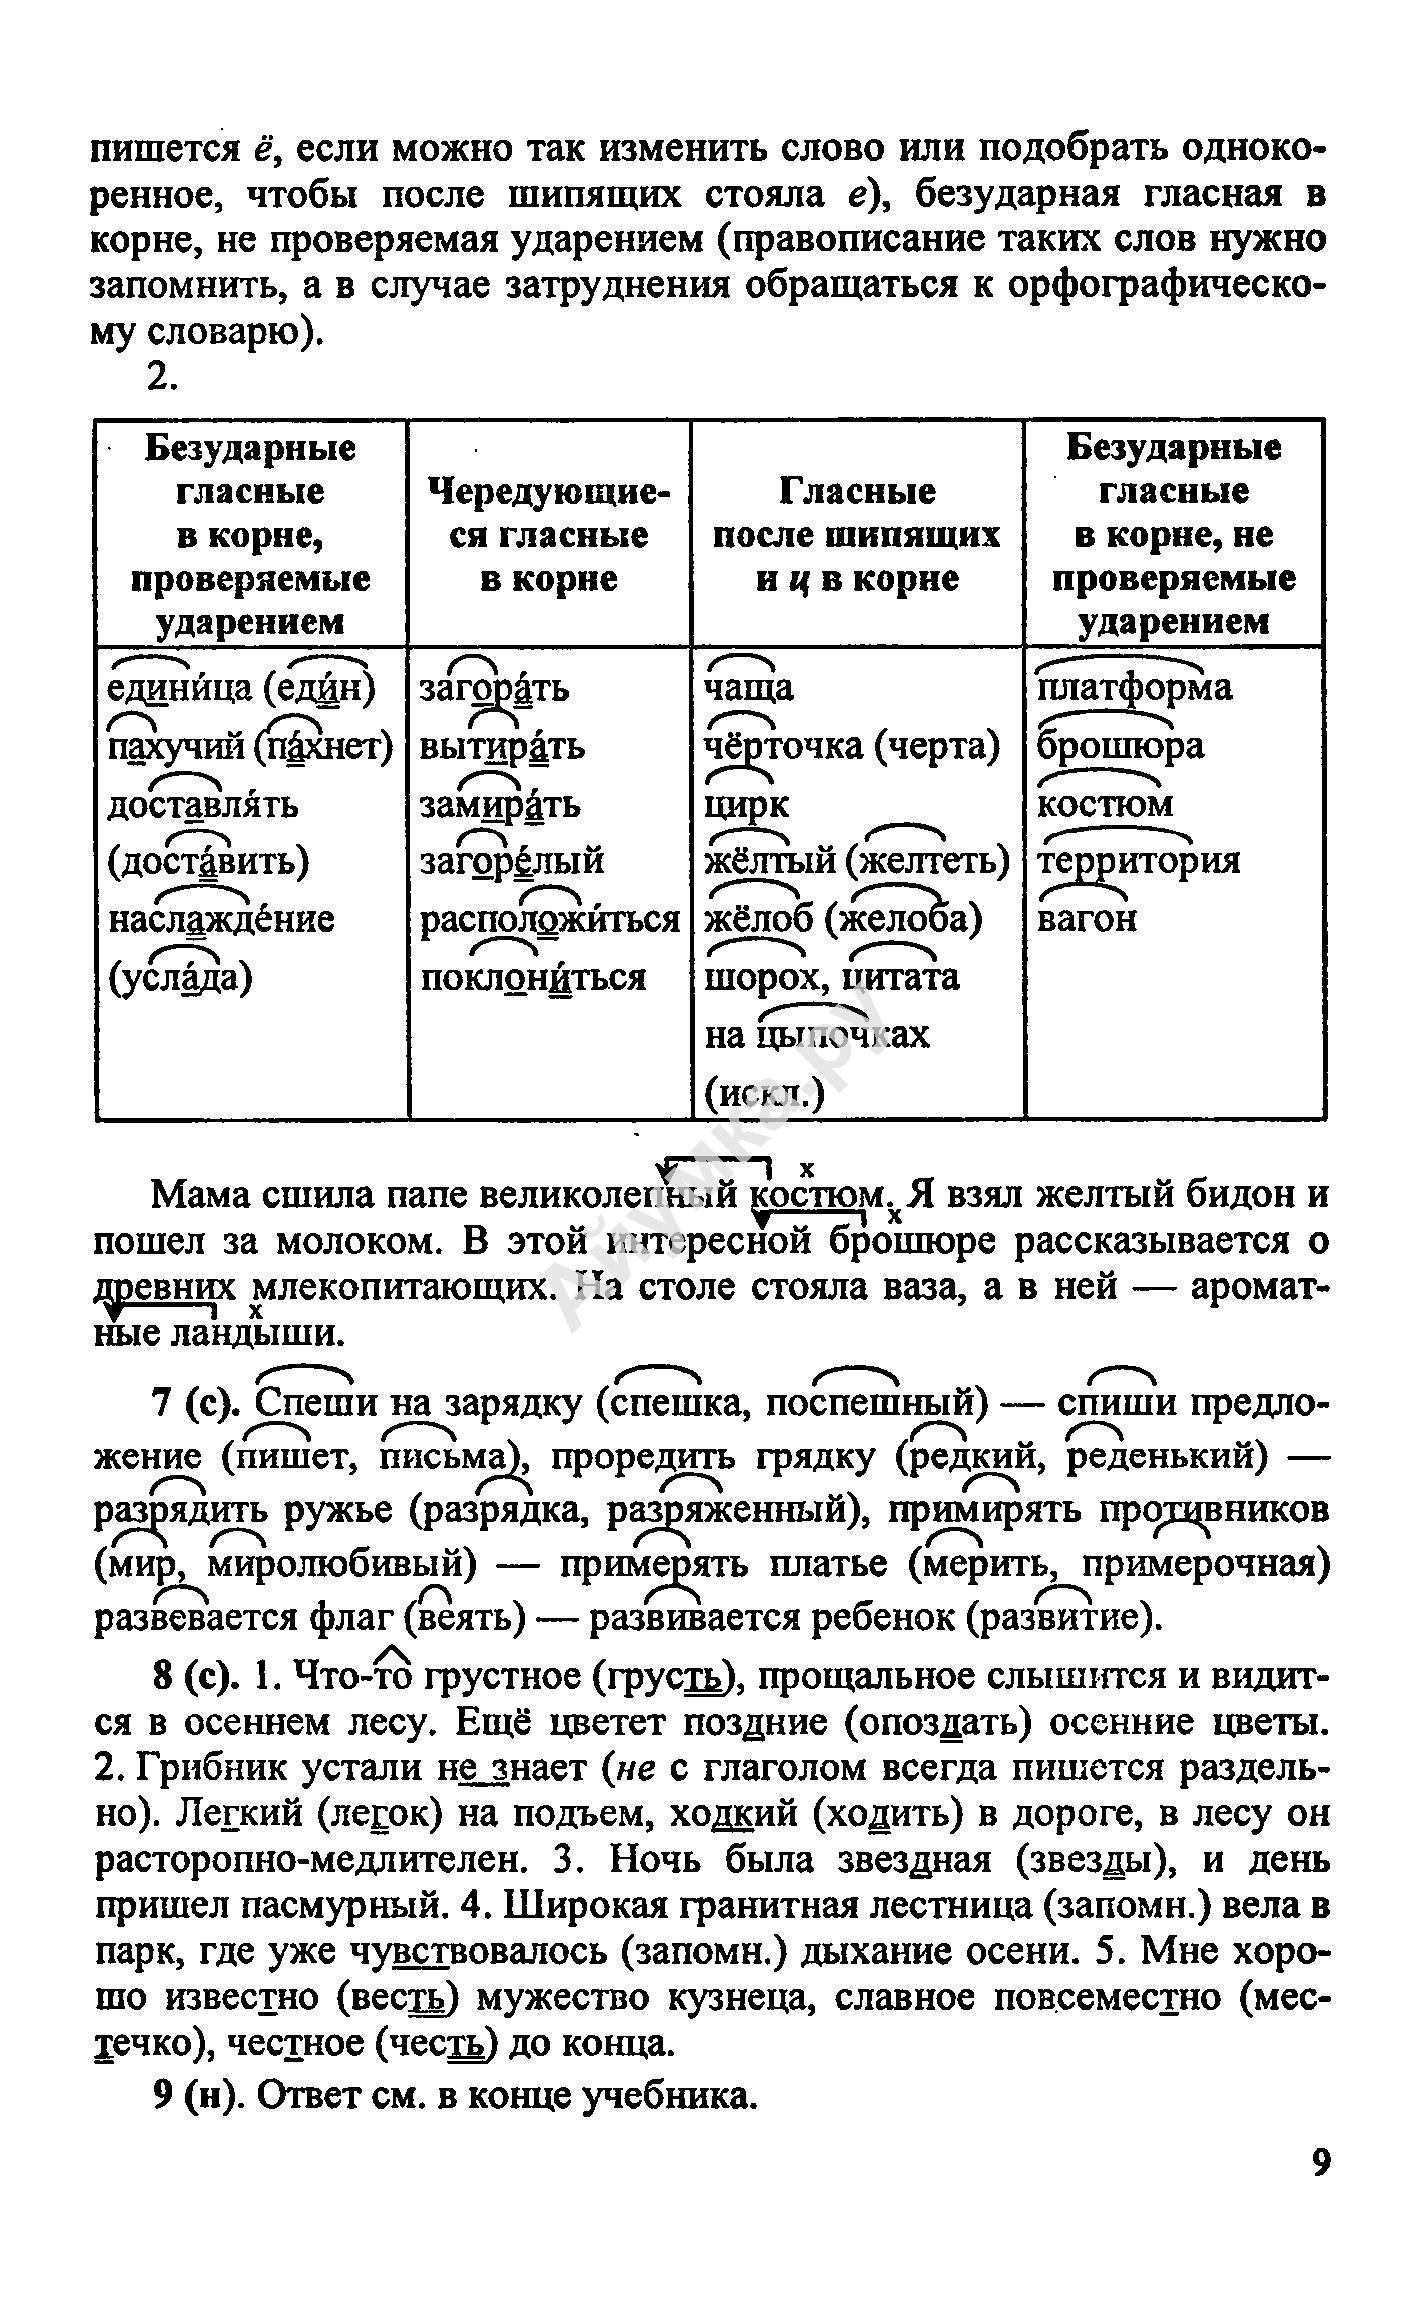 Гдз по английскому языку класс кузнецова